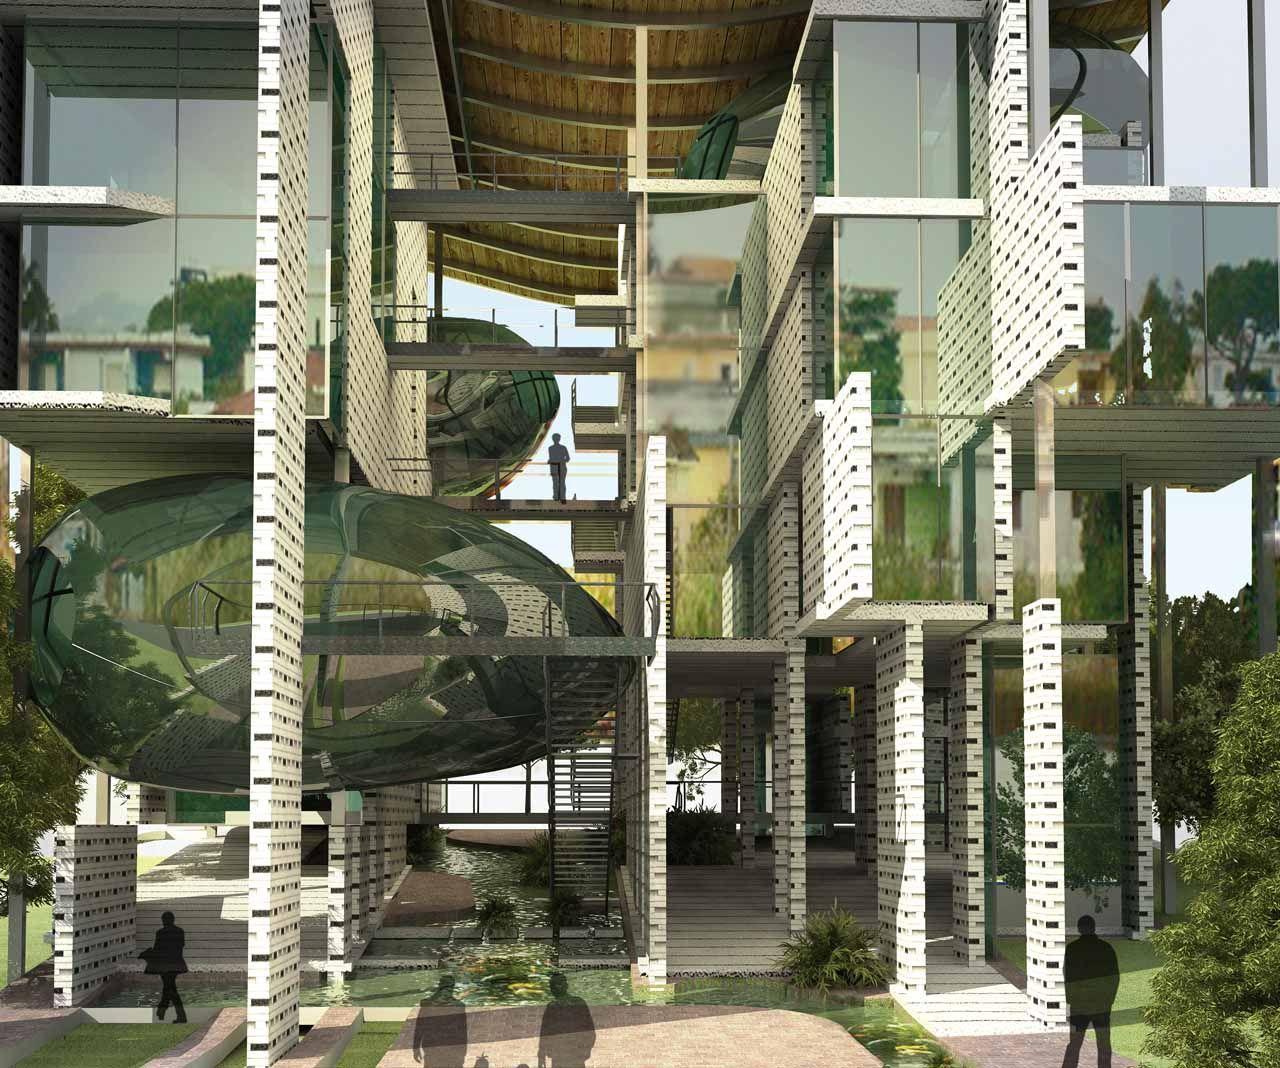 Иллюстрация для статьи о проекте дома-губки, на который обратили внимание менеджеры бренда Hansgrohe AXOR летом 2014 года. Вид Б